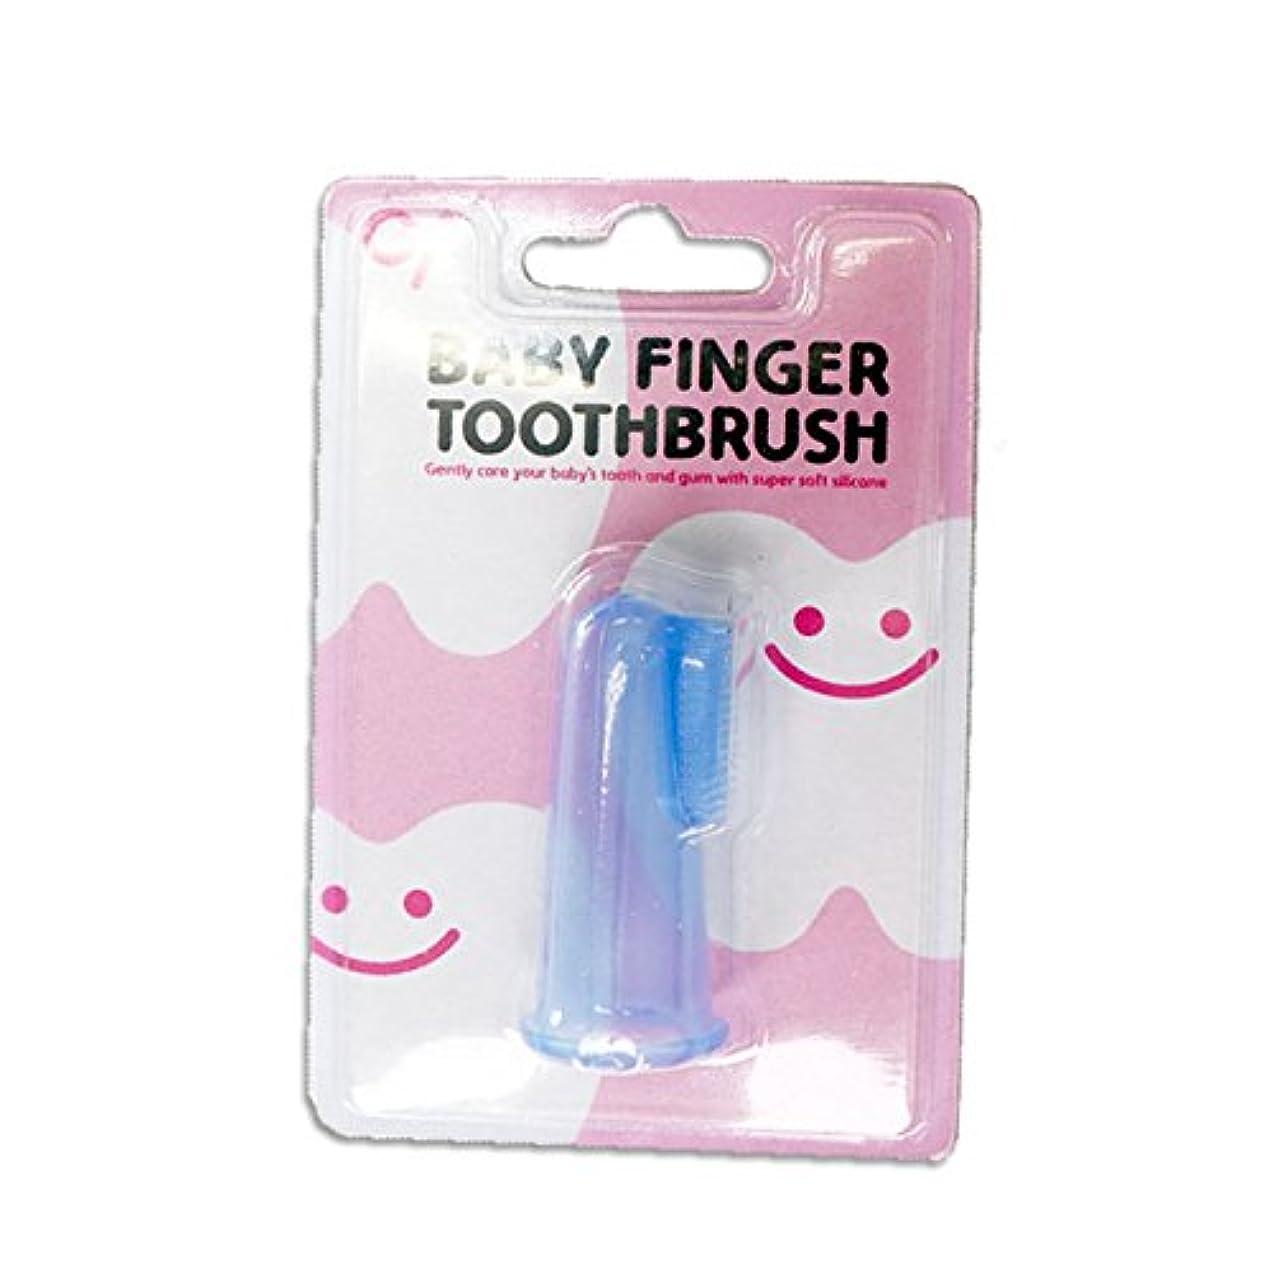 プレミアム日入植者ベビーフィンガートゥースブラッシュ ベビーフィンガー歯ブラシ 12個入り BABY FINGER TOOTHBRUSH